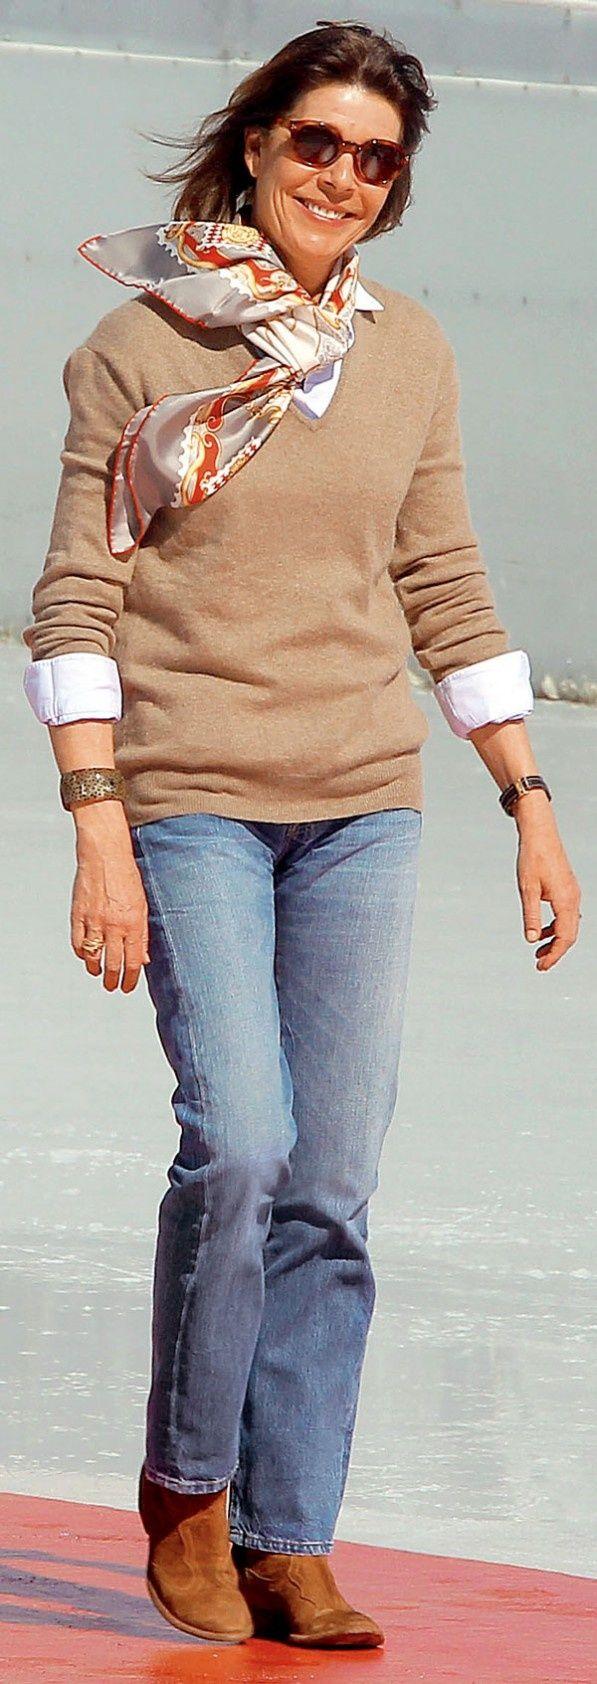 Princess Caroline of Monaco wearing faded jeans